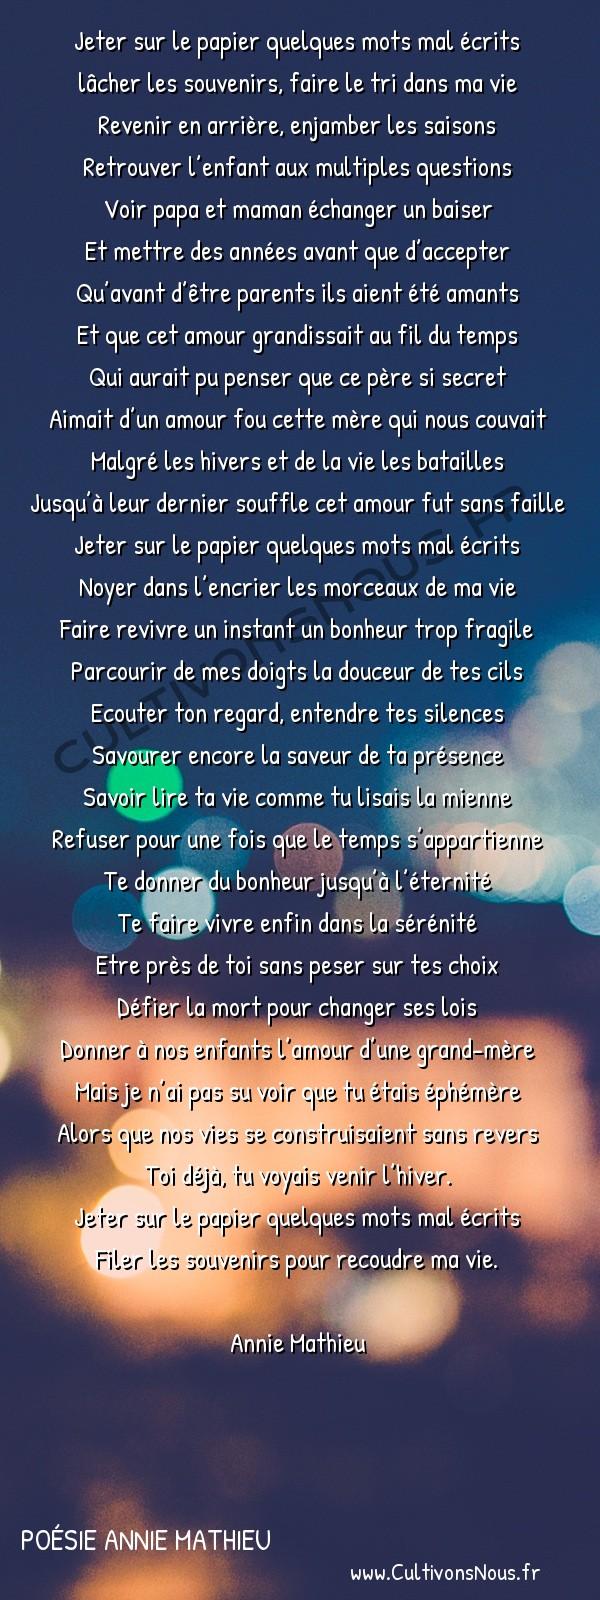 Poésies contemporaines - poésie Annie Mathieu - quelques mots -  Jeter sur le papier quelques mots mal écrits lâcher les souvenirs, faire le tri dans ma vie